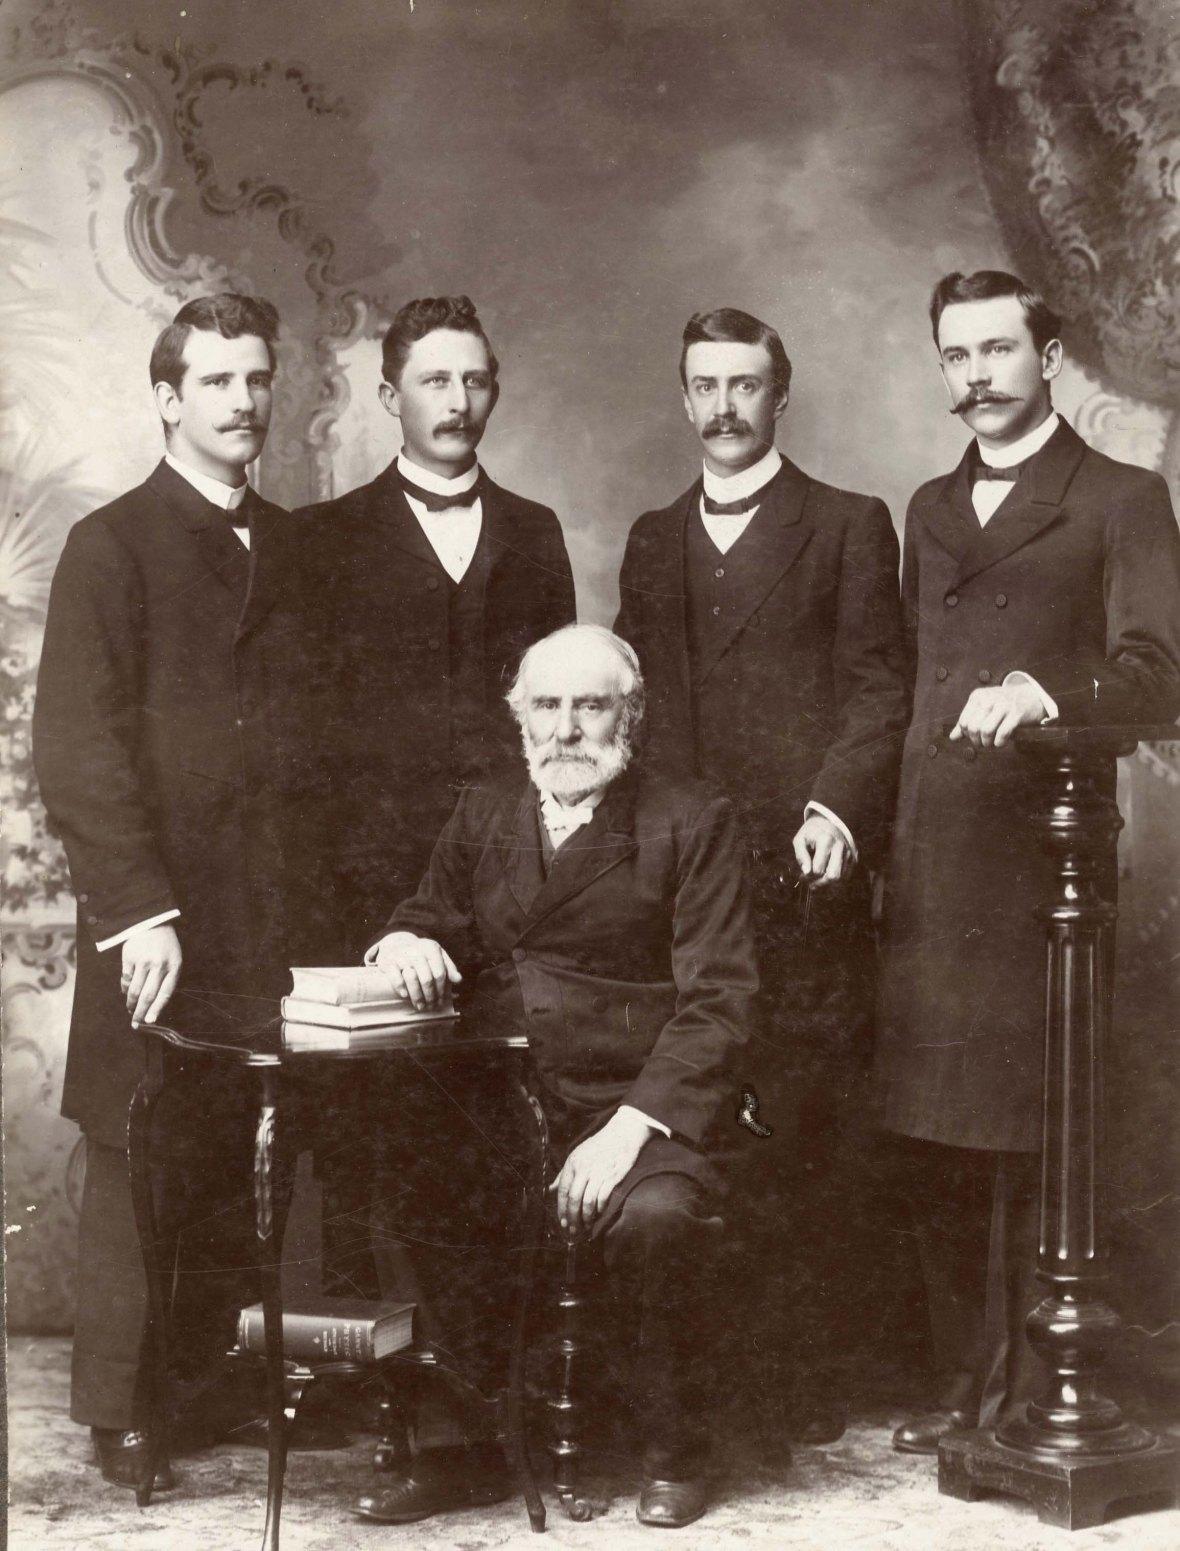 Prof_Jan_Lion_Cachet_en_studente_ID_Kruger,_PW_Bingle,_JP_van_der_Walt_en_DP_du_Plessis_aan_die_Teologiese_Skool_Potchefstroom,_1908.jpg